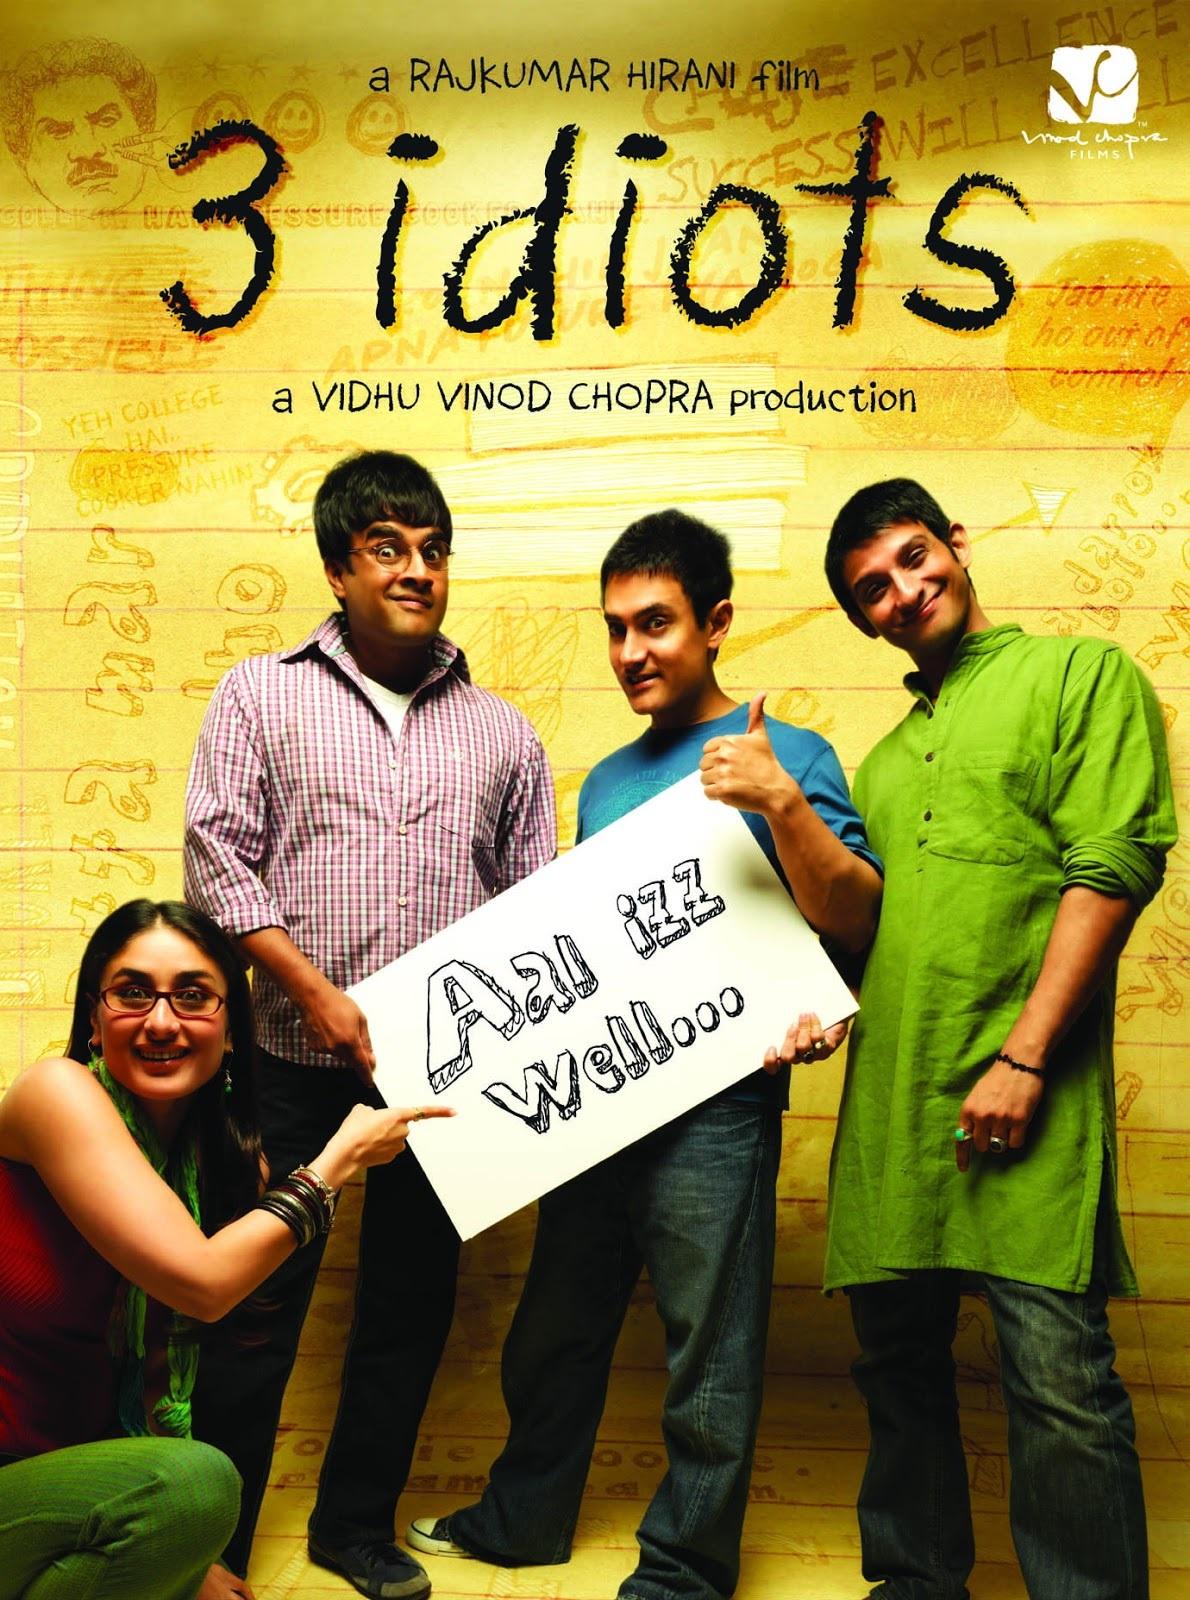 3 Idiots Movie Poster - Aamir Khan, Kareena Kapoor, R Madhavan, Sharman Joshi